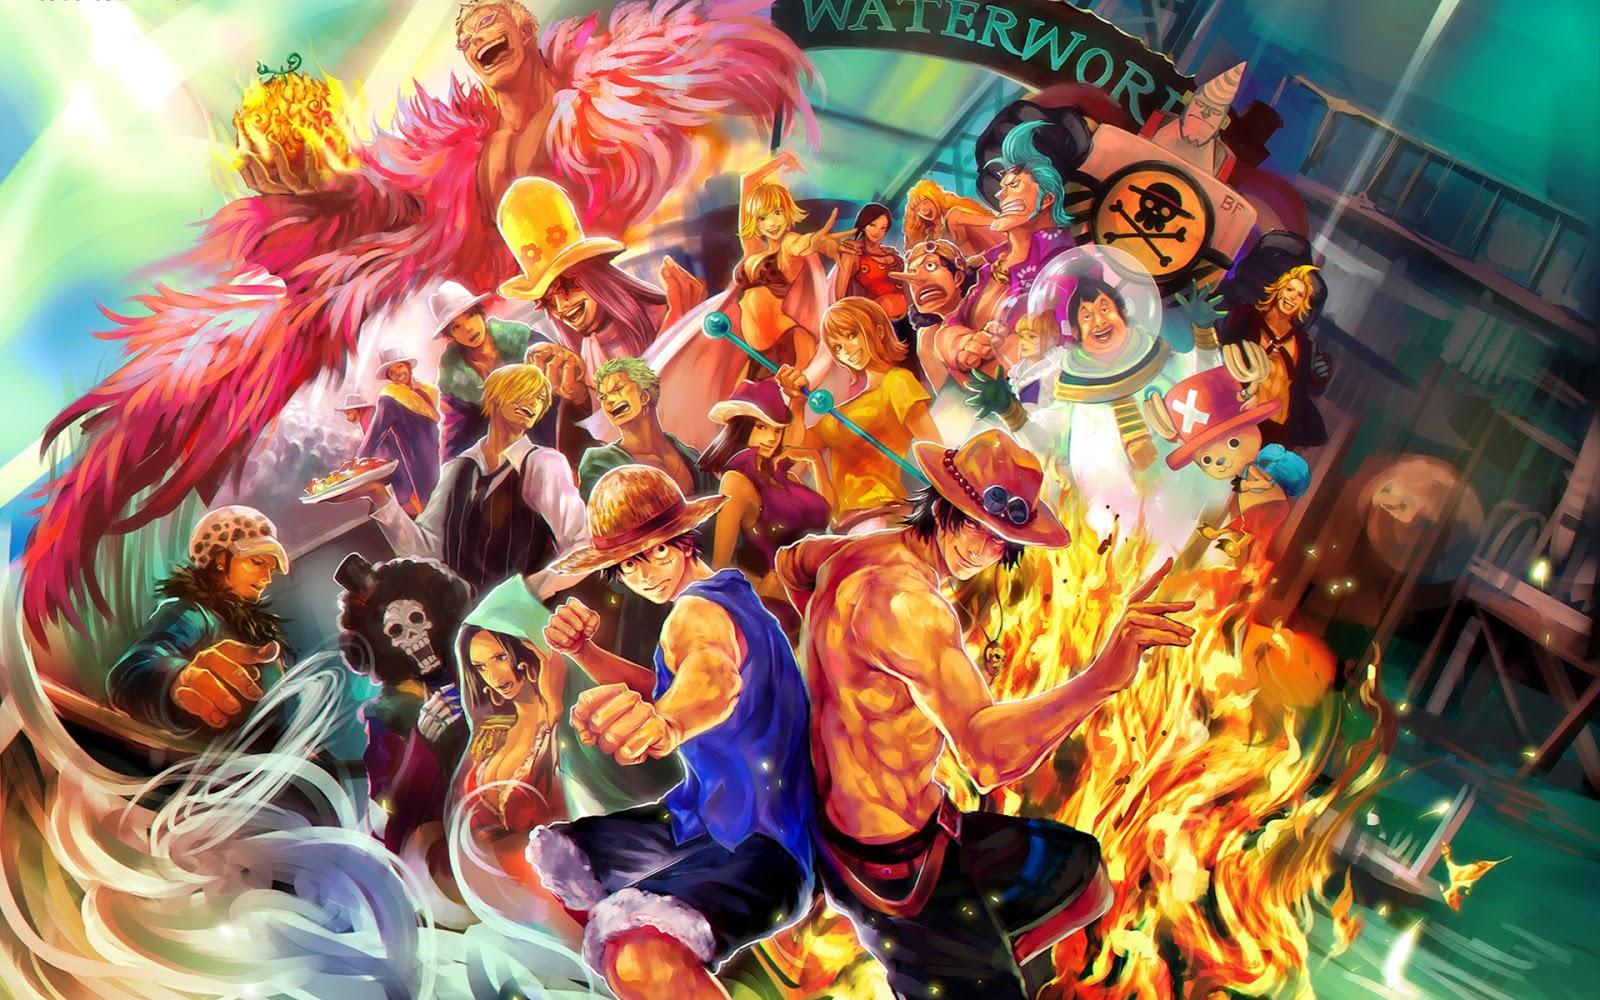 99 Hình nền One Piece đẹp độc mới nhất full HD cho PC